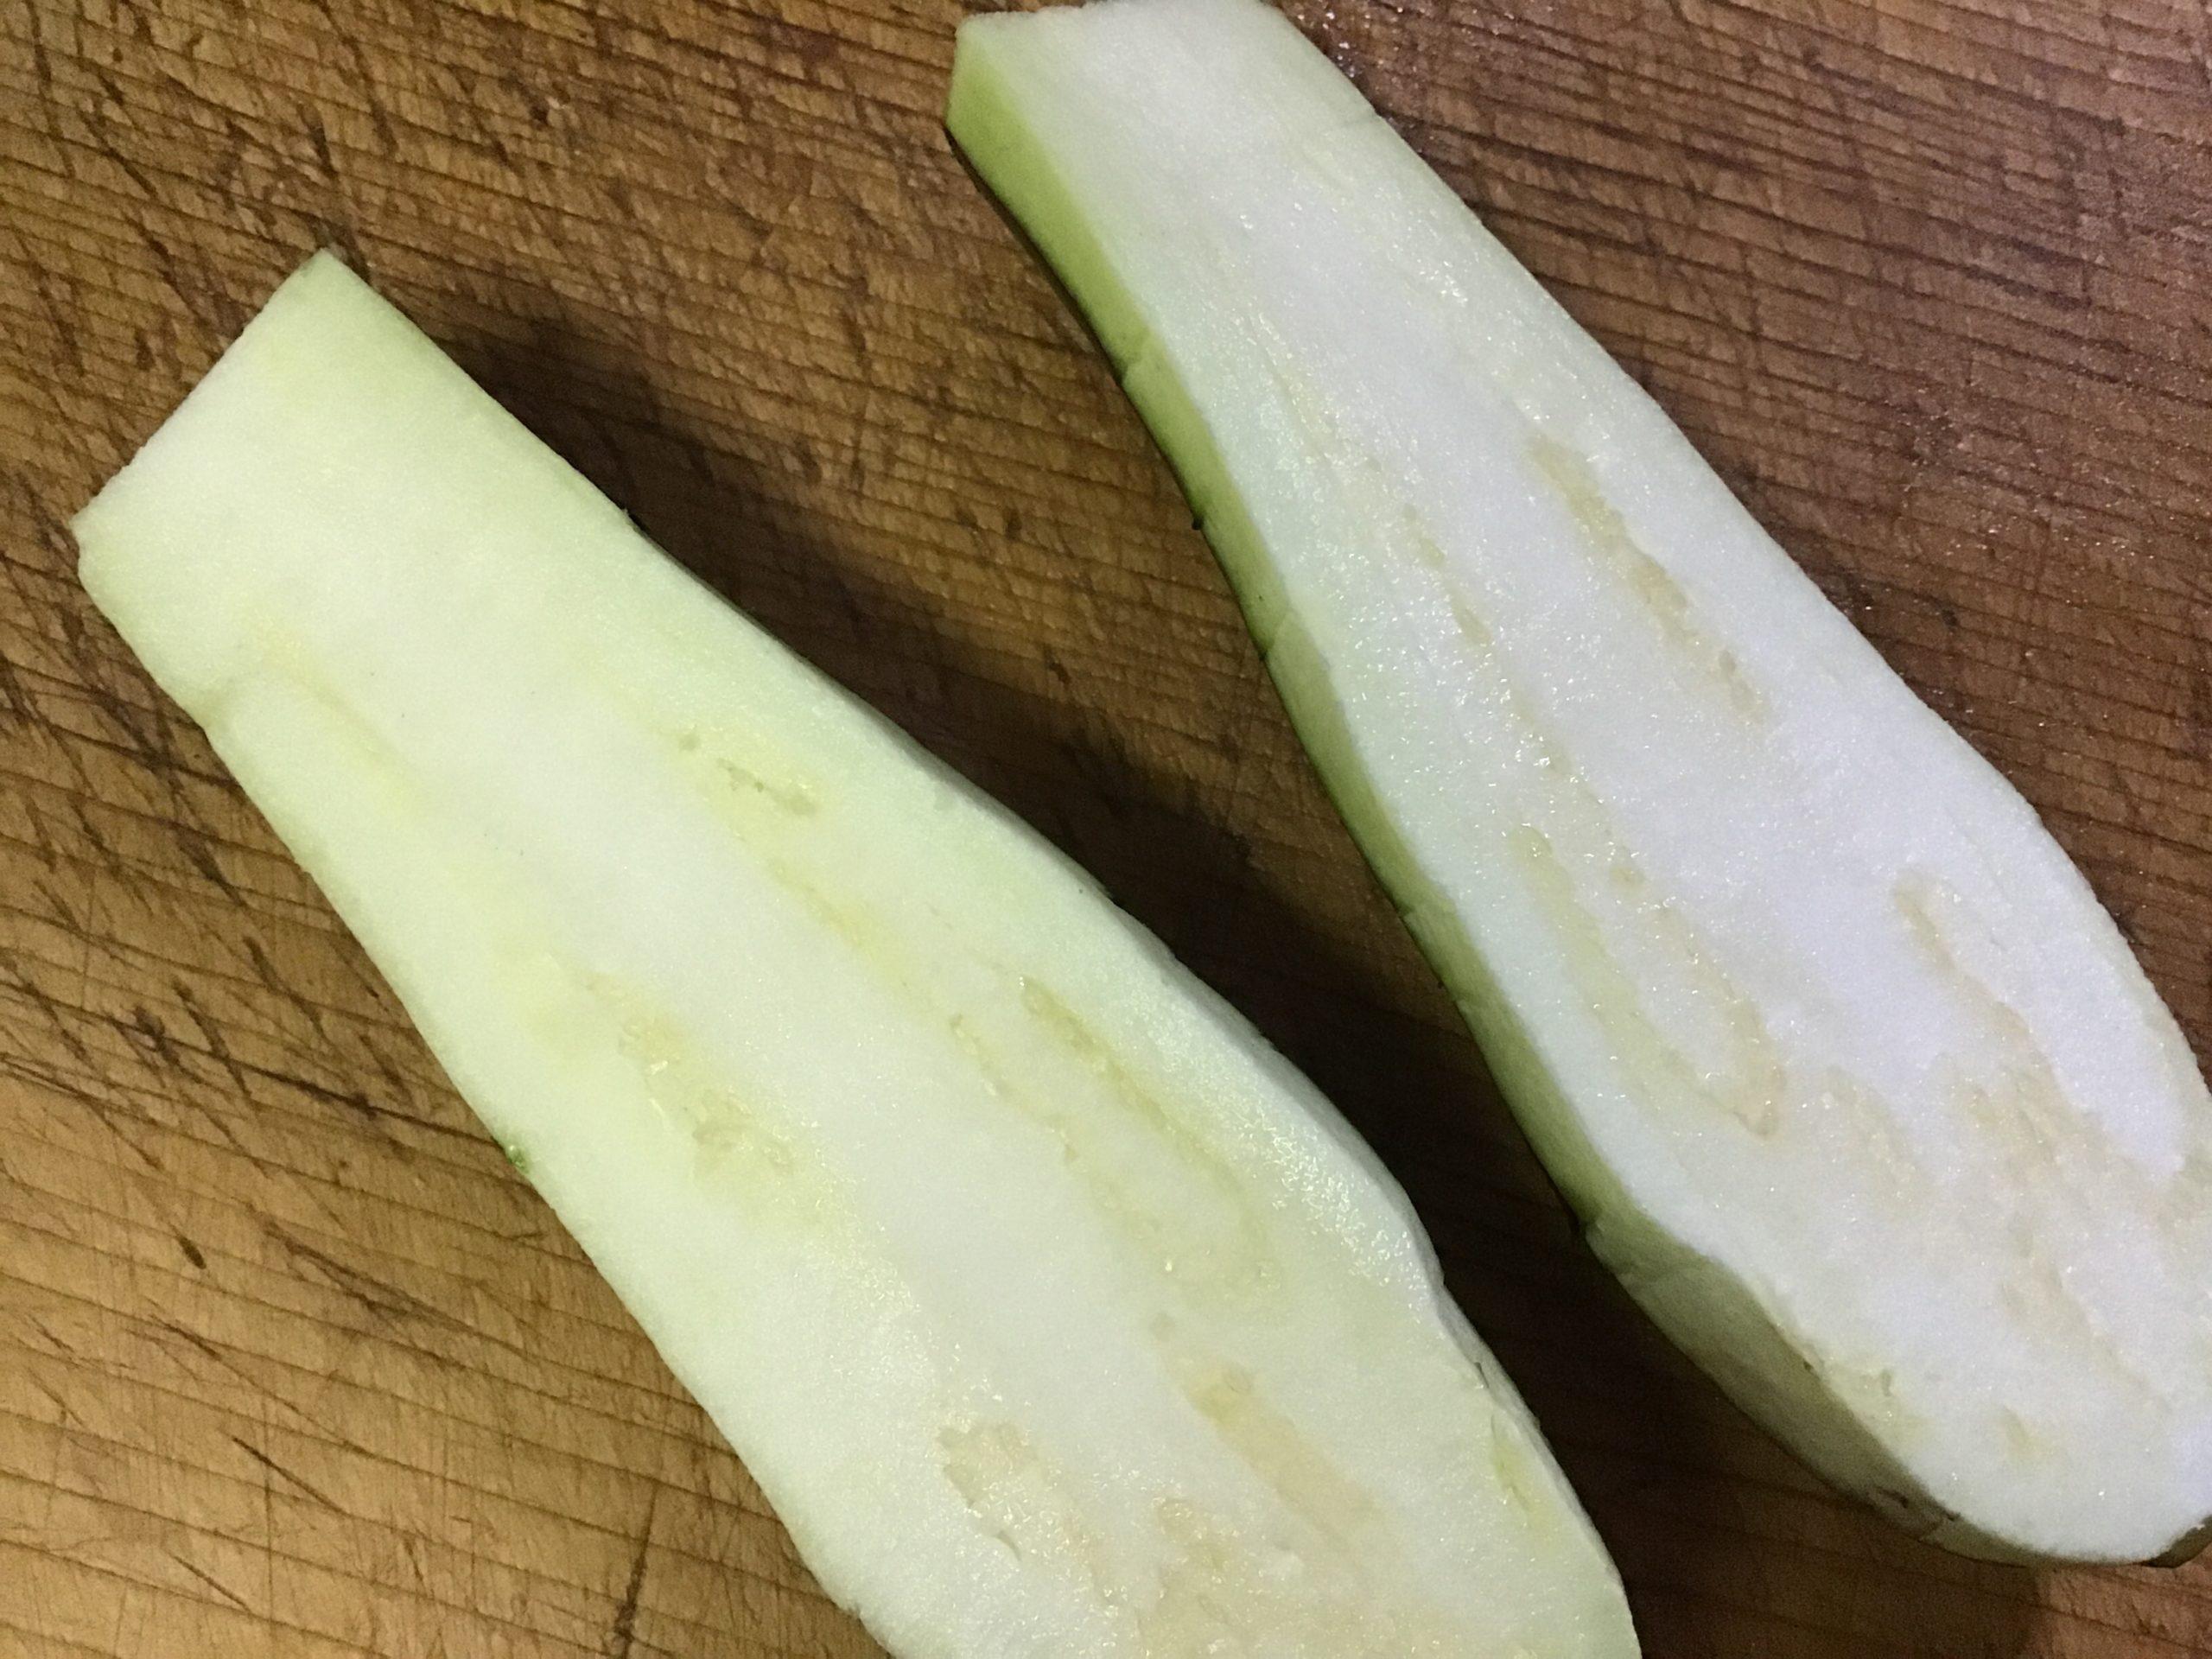 山形県の郷土料理「なすごんげん」のレシピ4